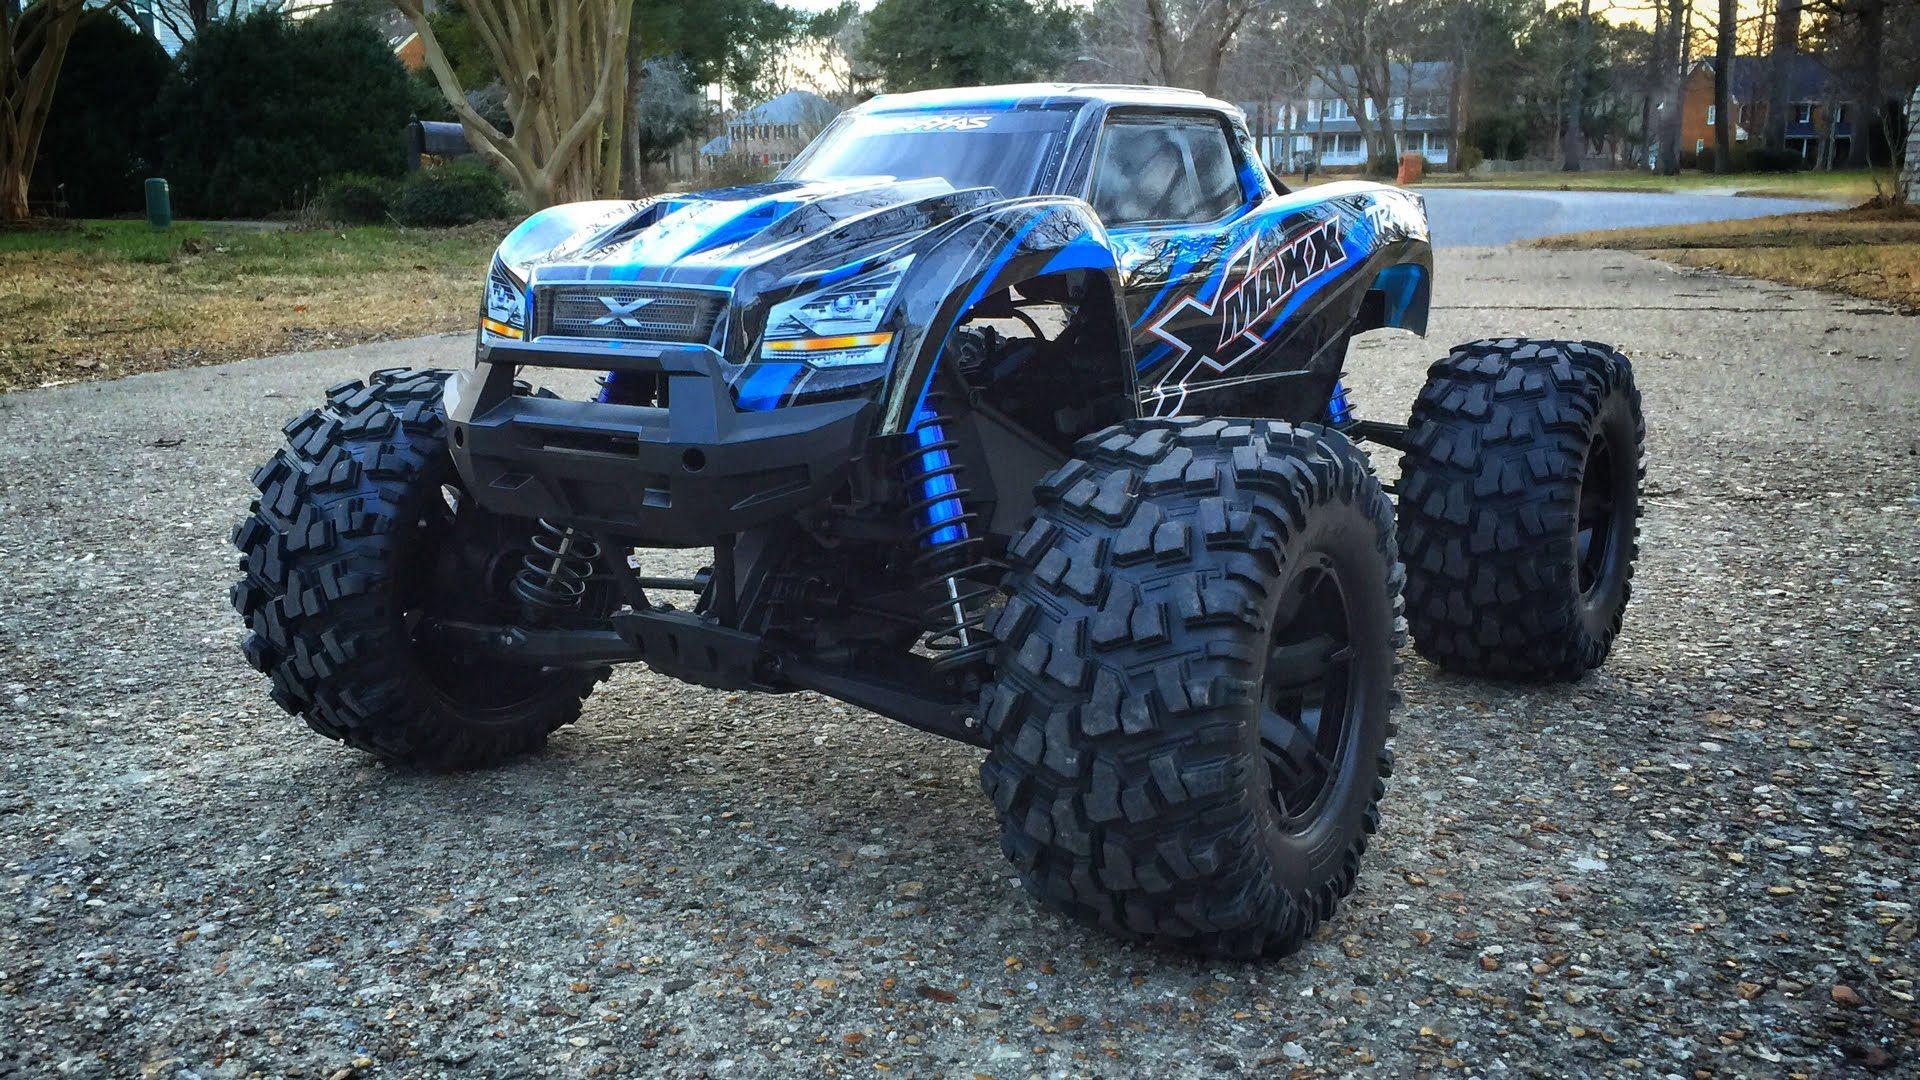 Traxxas XMaxx BreakIn Run Traxxas, Rc cars, Monster trucks